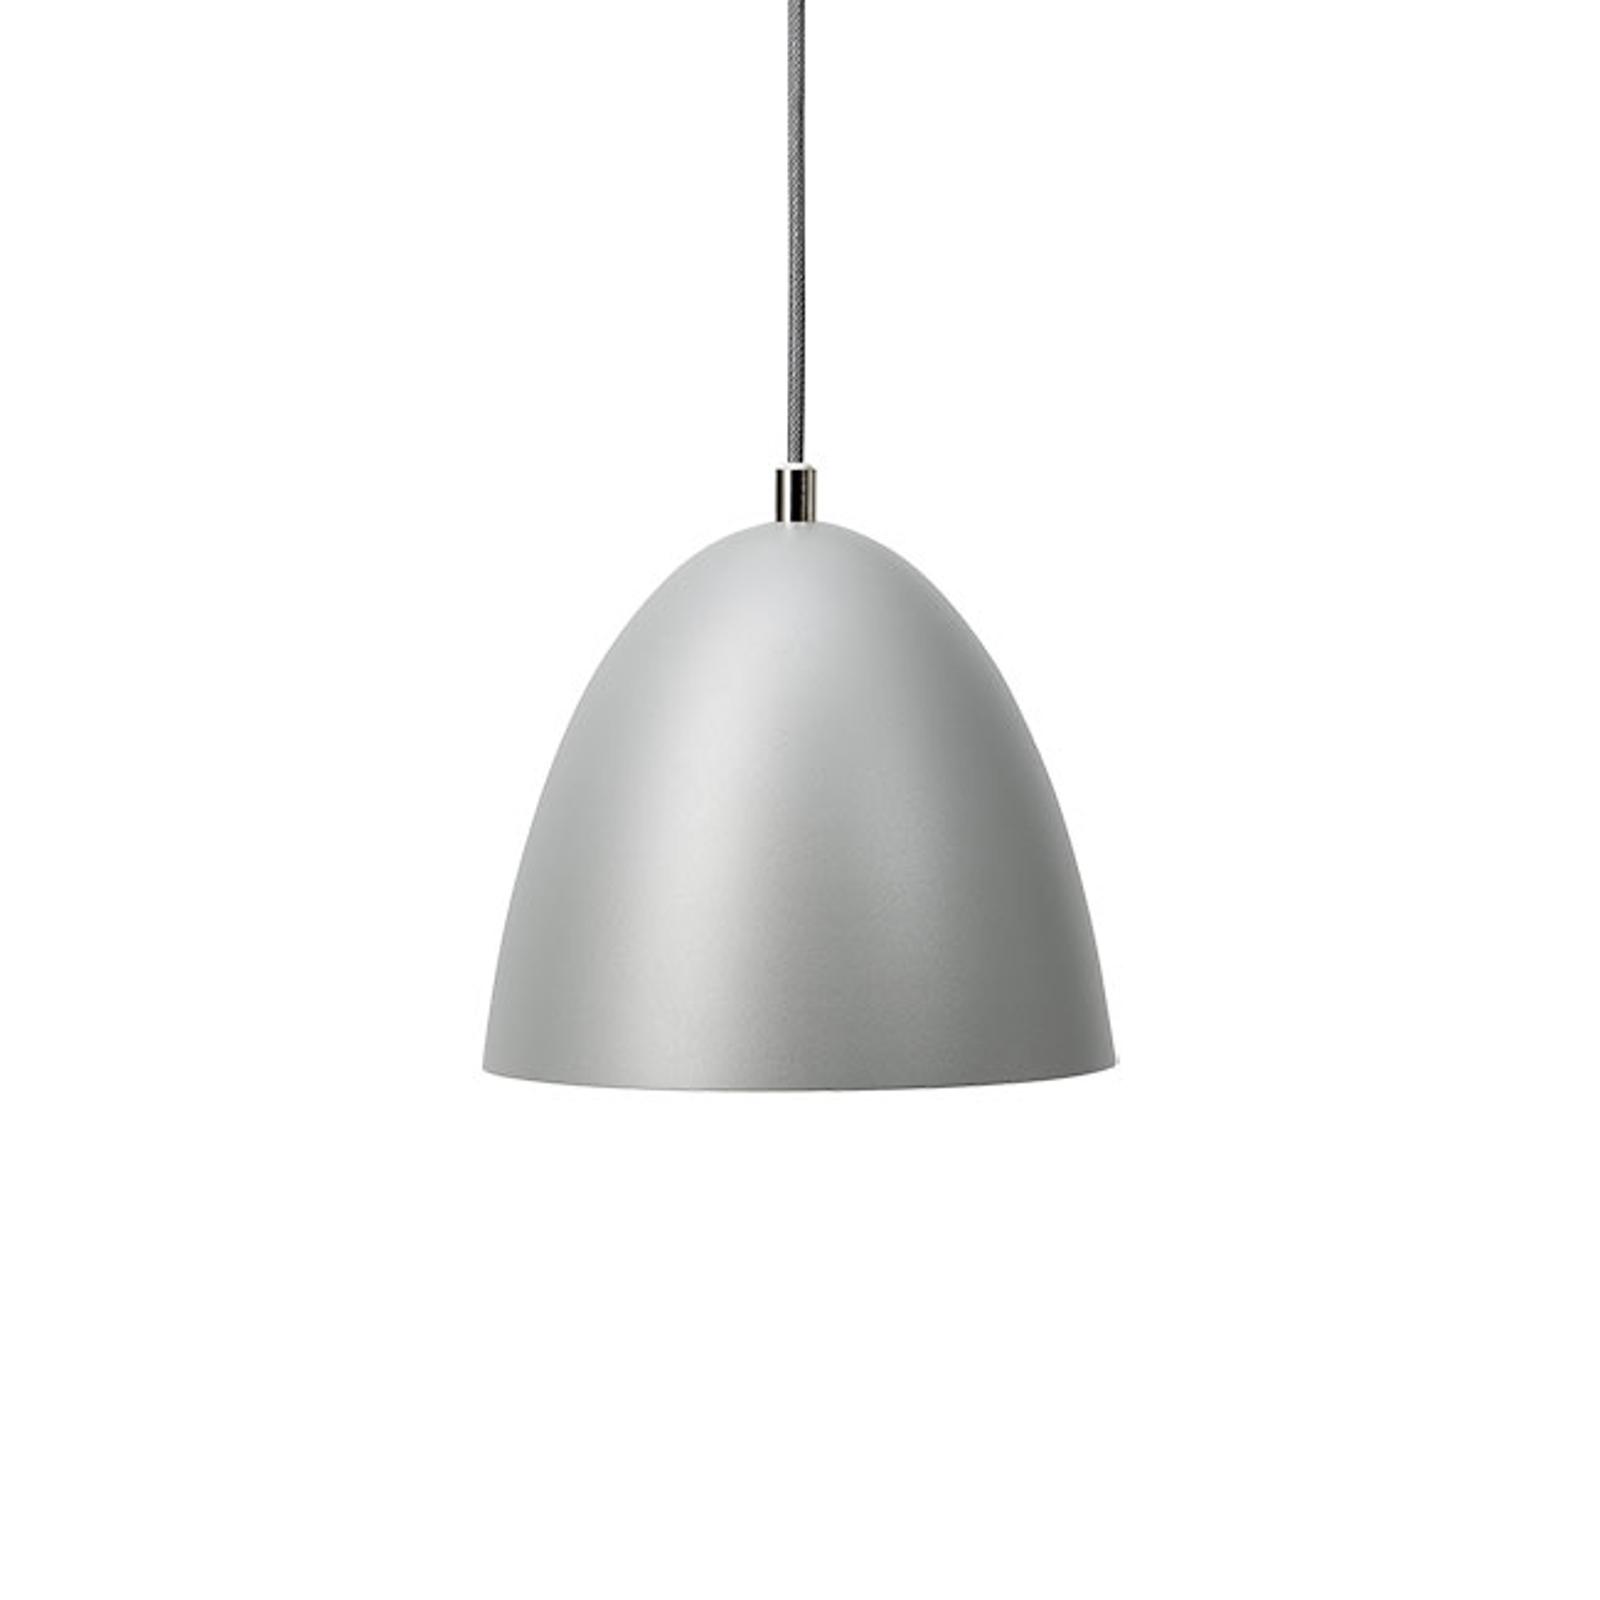 Eas LED-hengelampe, Ø 24 cm, 3000 K, grå